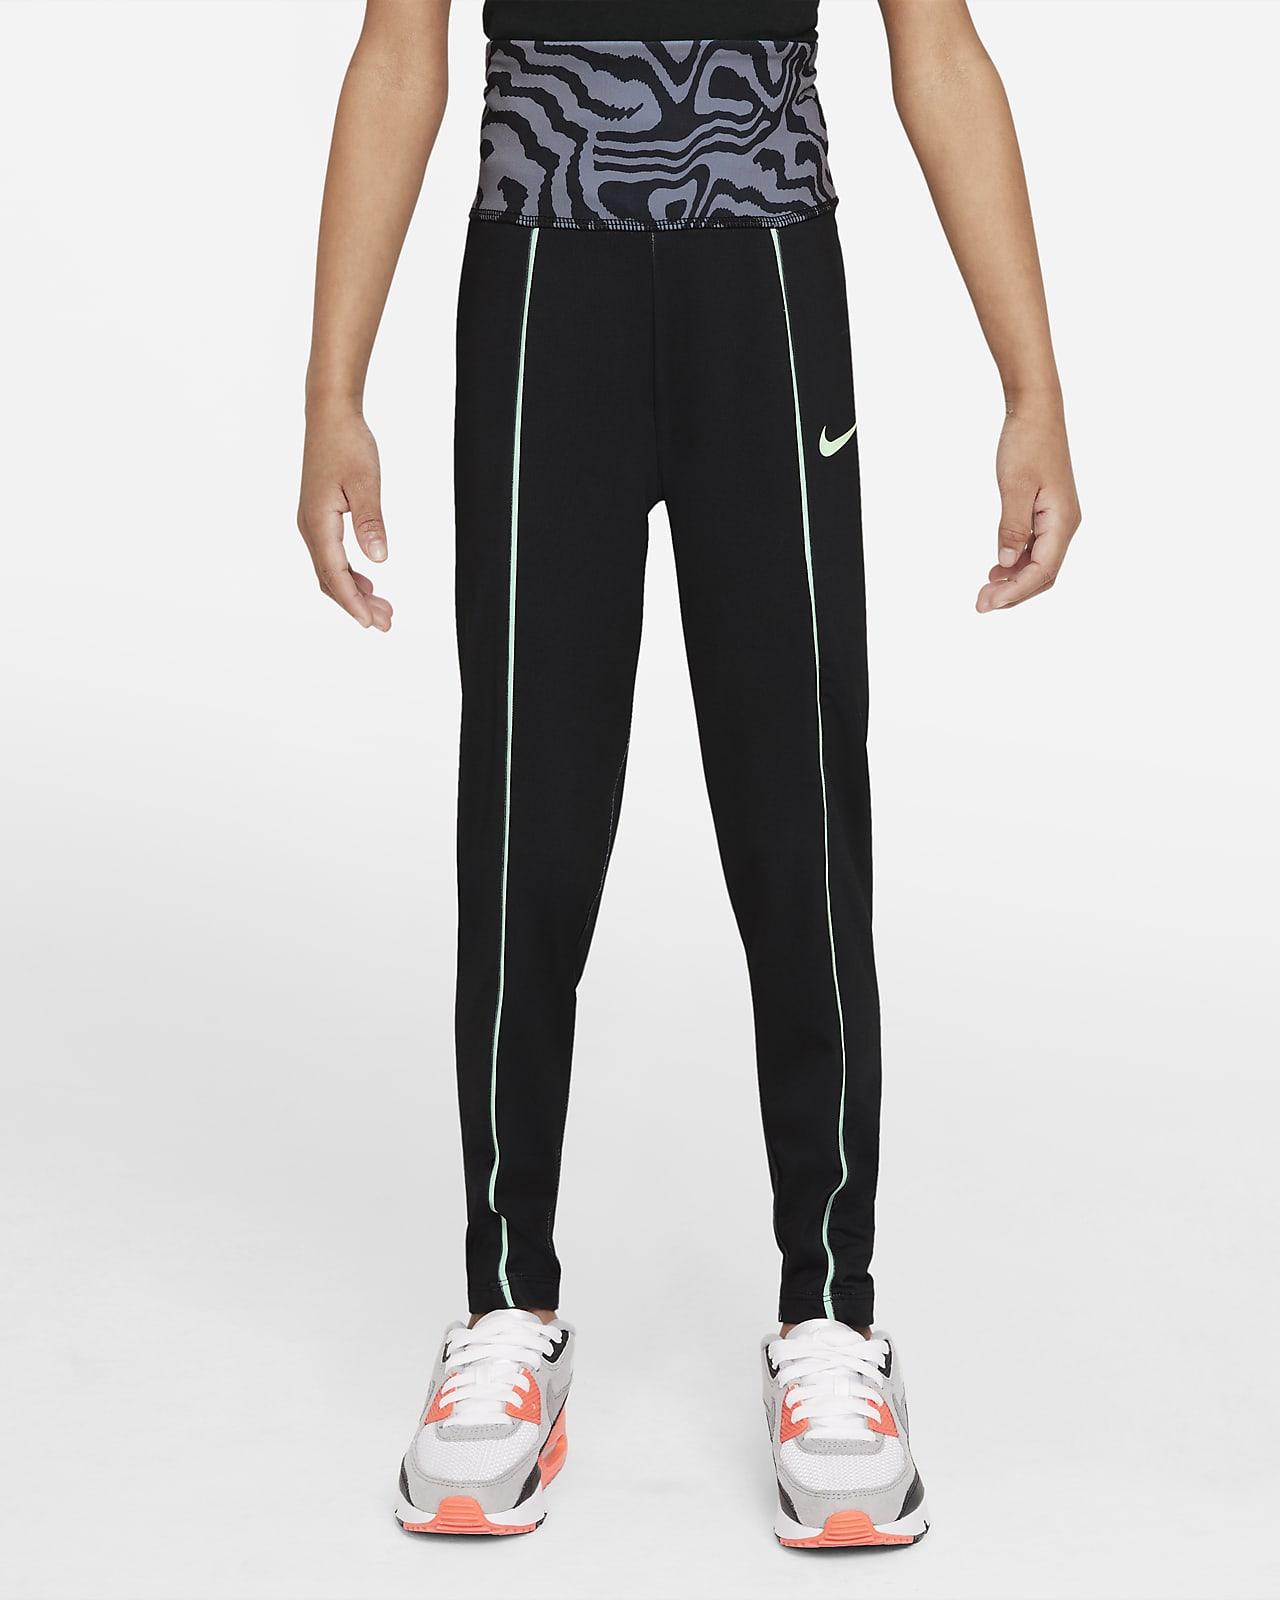 Leggings Nike Dri-FIT para criança